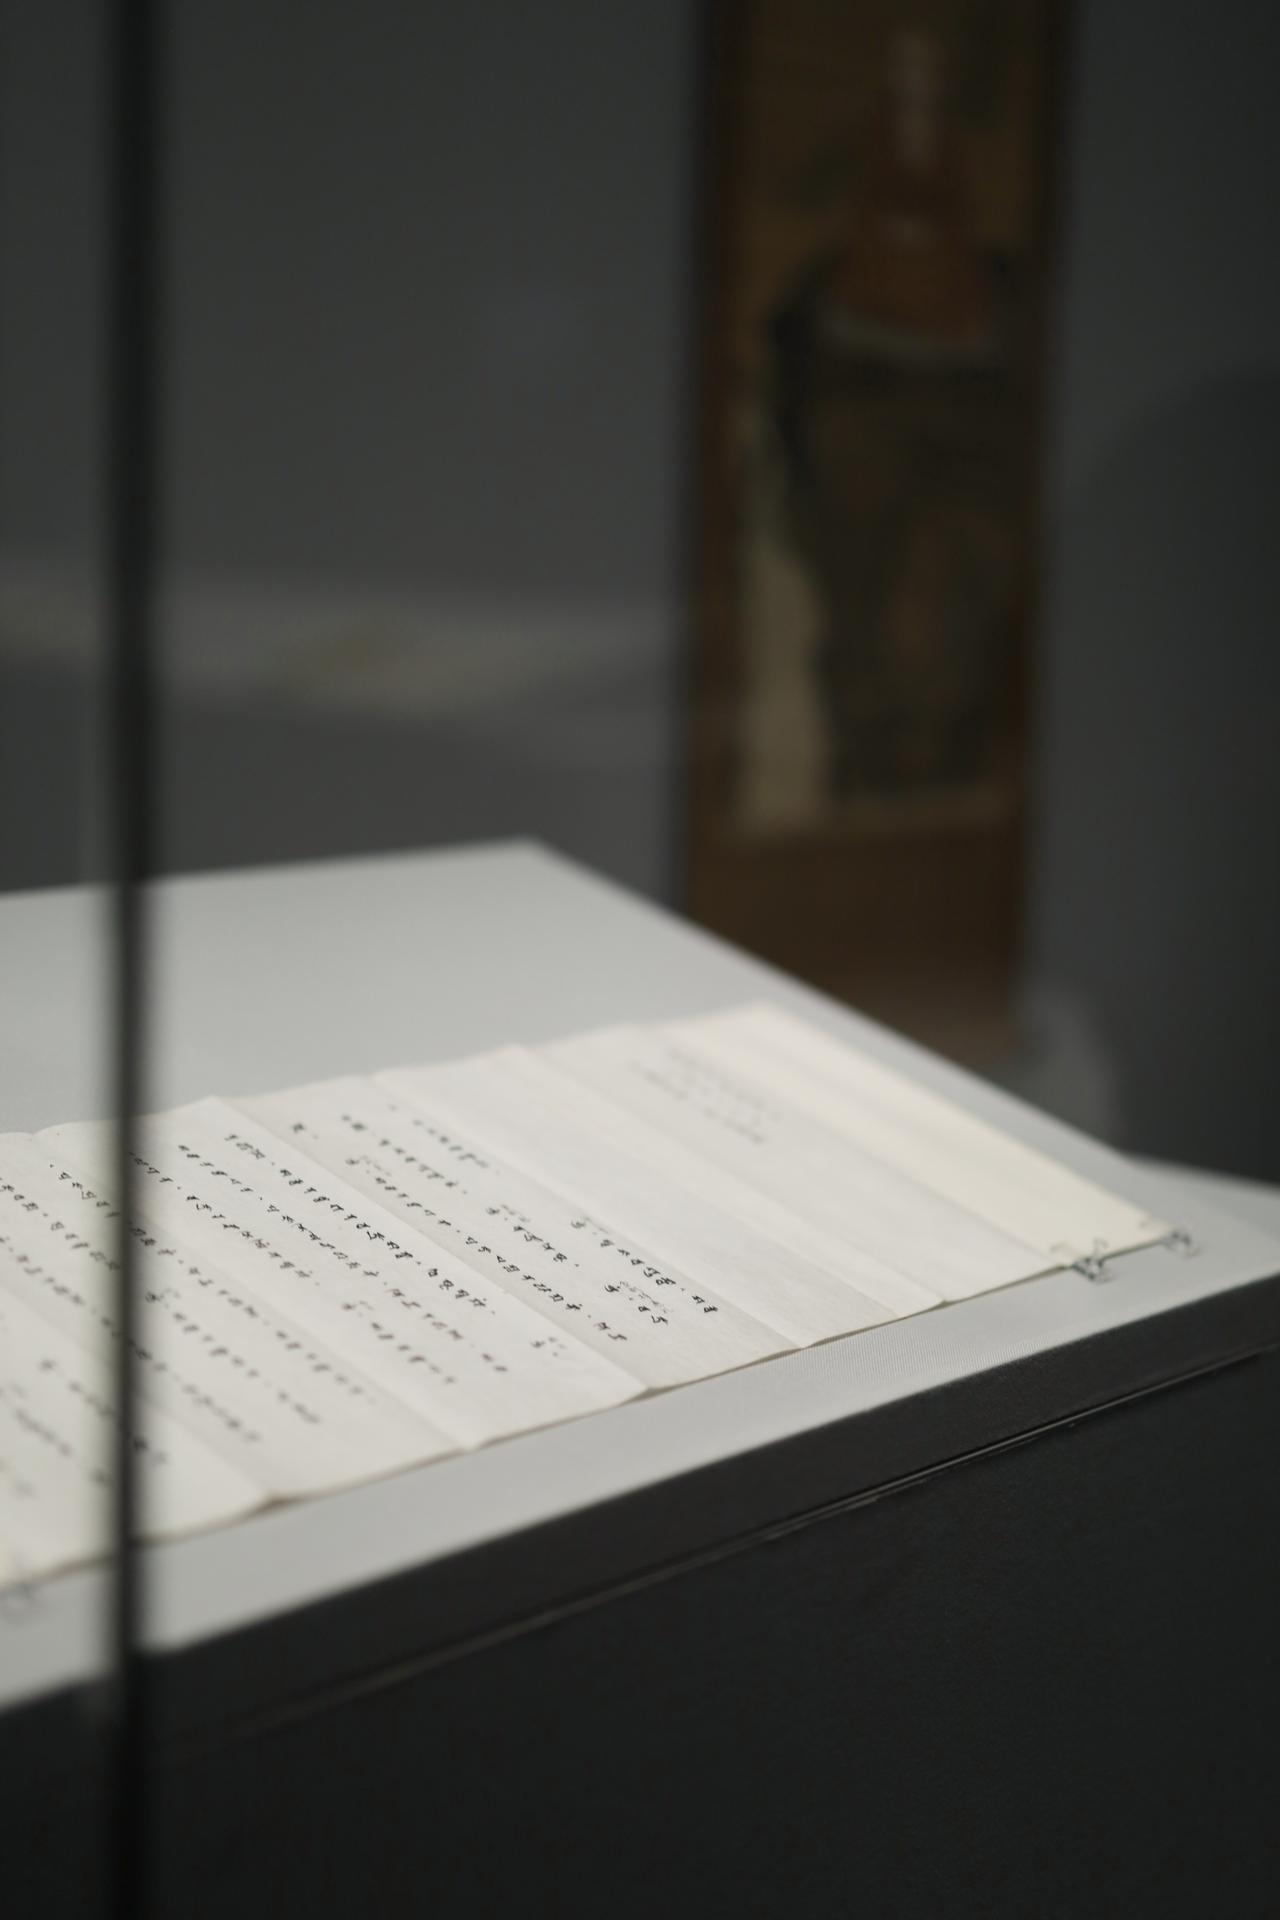 画像: 慈雲 梵学神梁 巻五(1000巻のうち)江戸時代18世紀 大阪・高貴寺